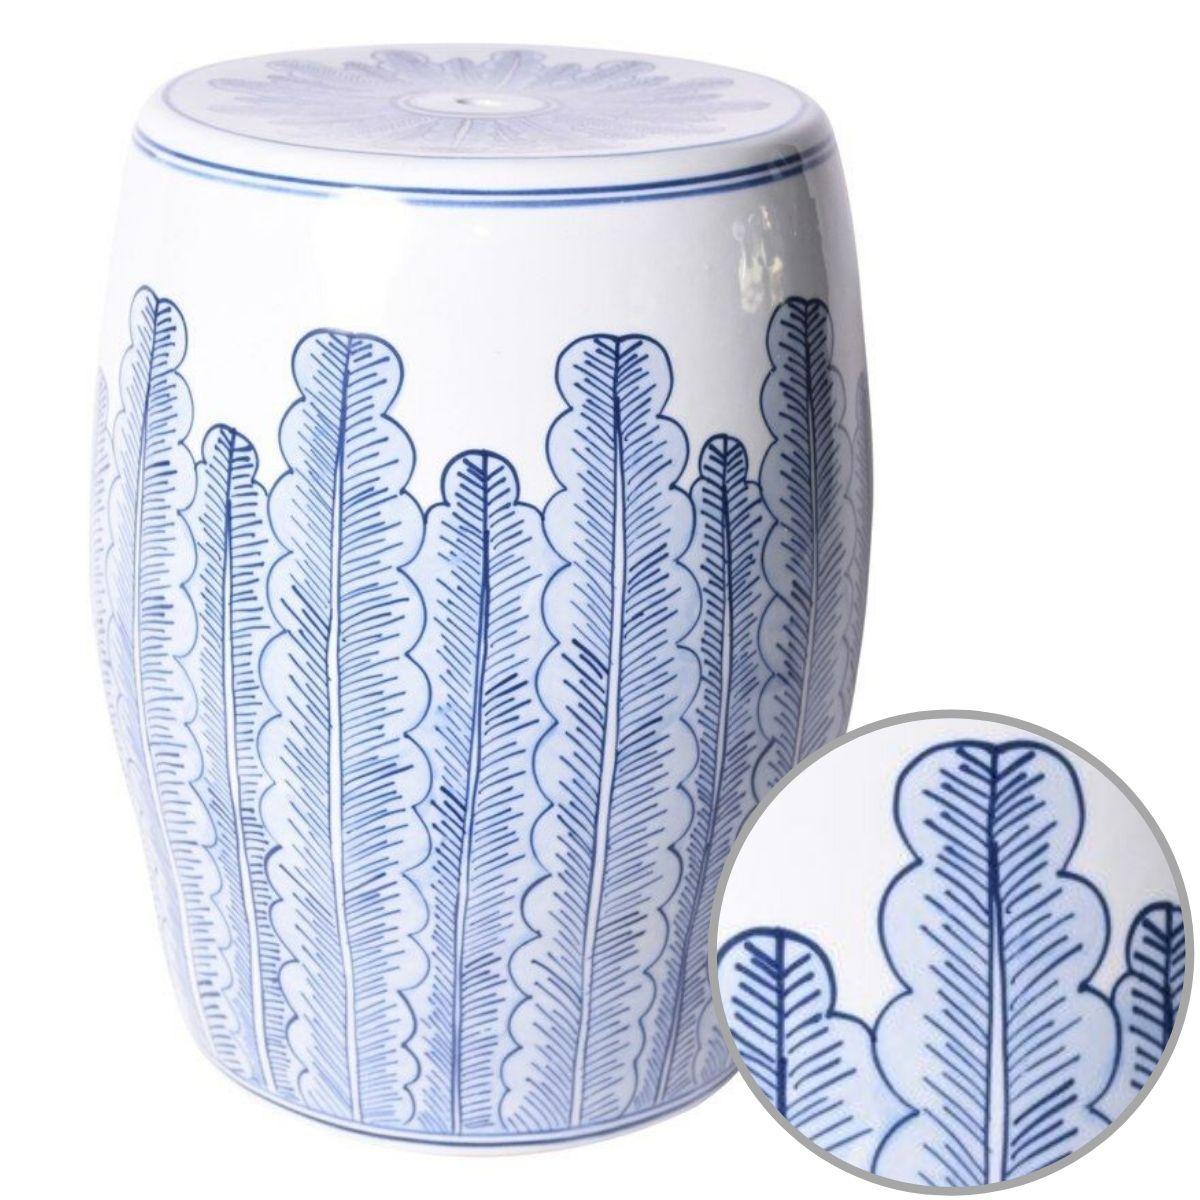 blue-and-white-porcelain-banana-leaf-garden-stool